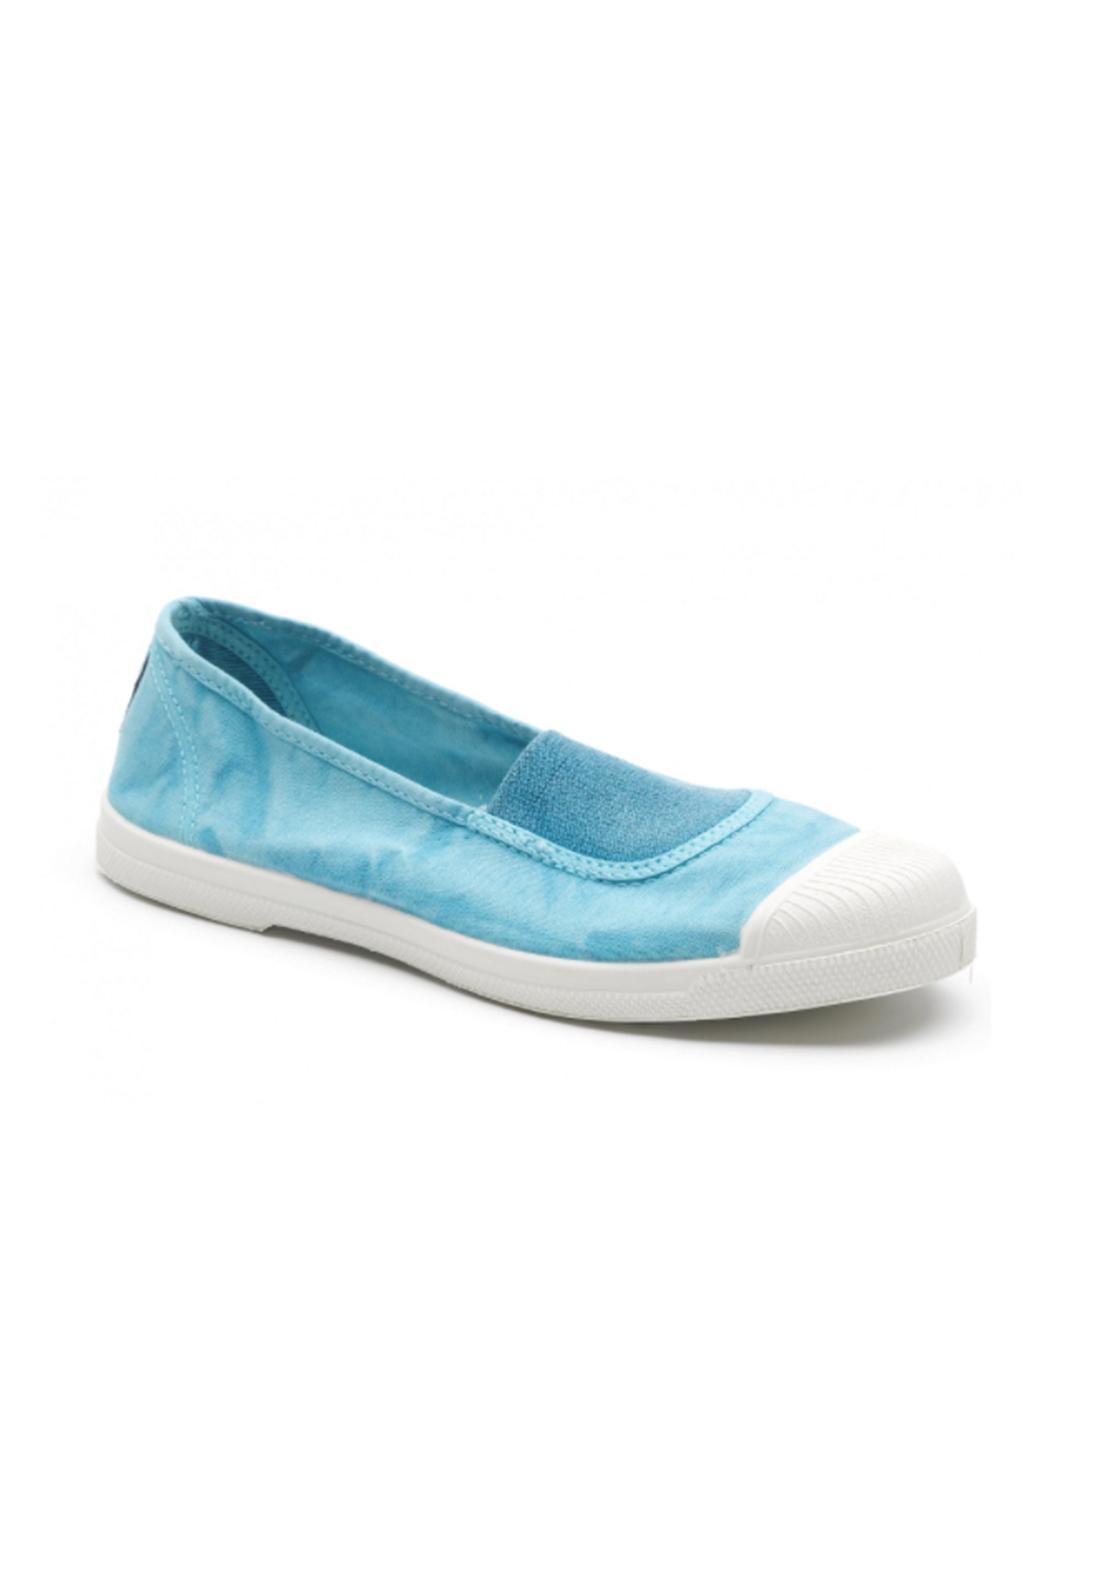 World Natural Eco حذاء كاجول سمائي اللون من